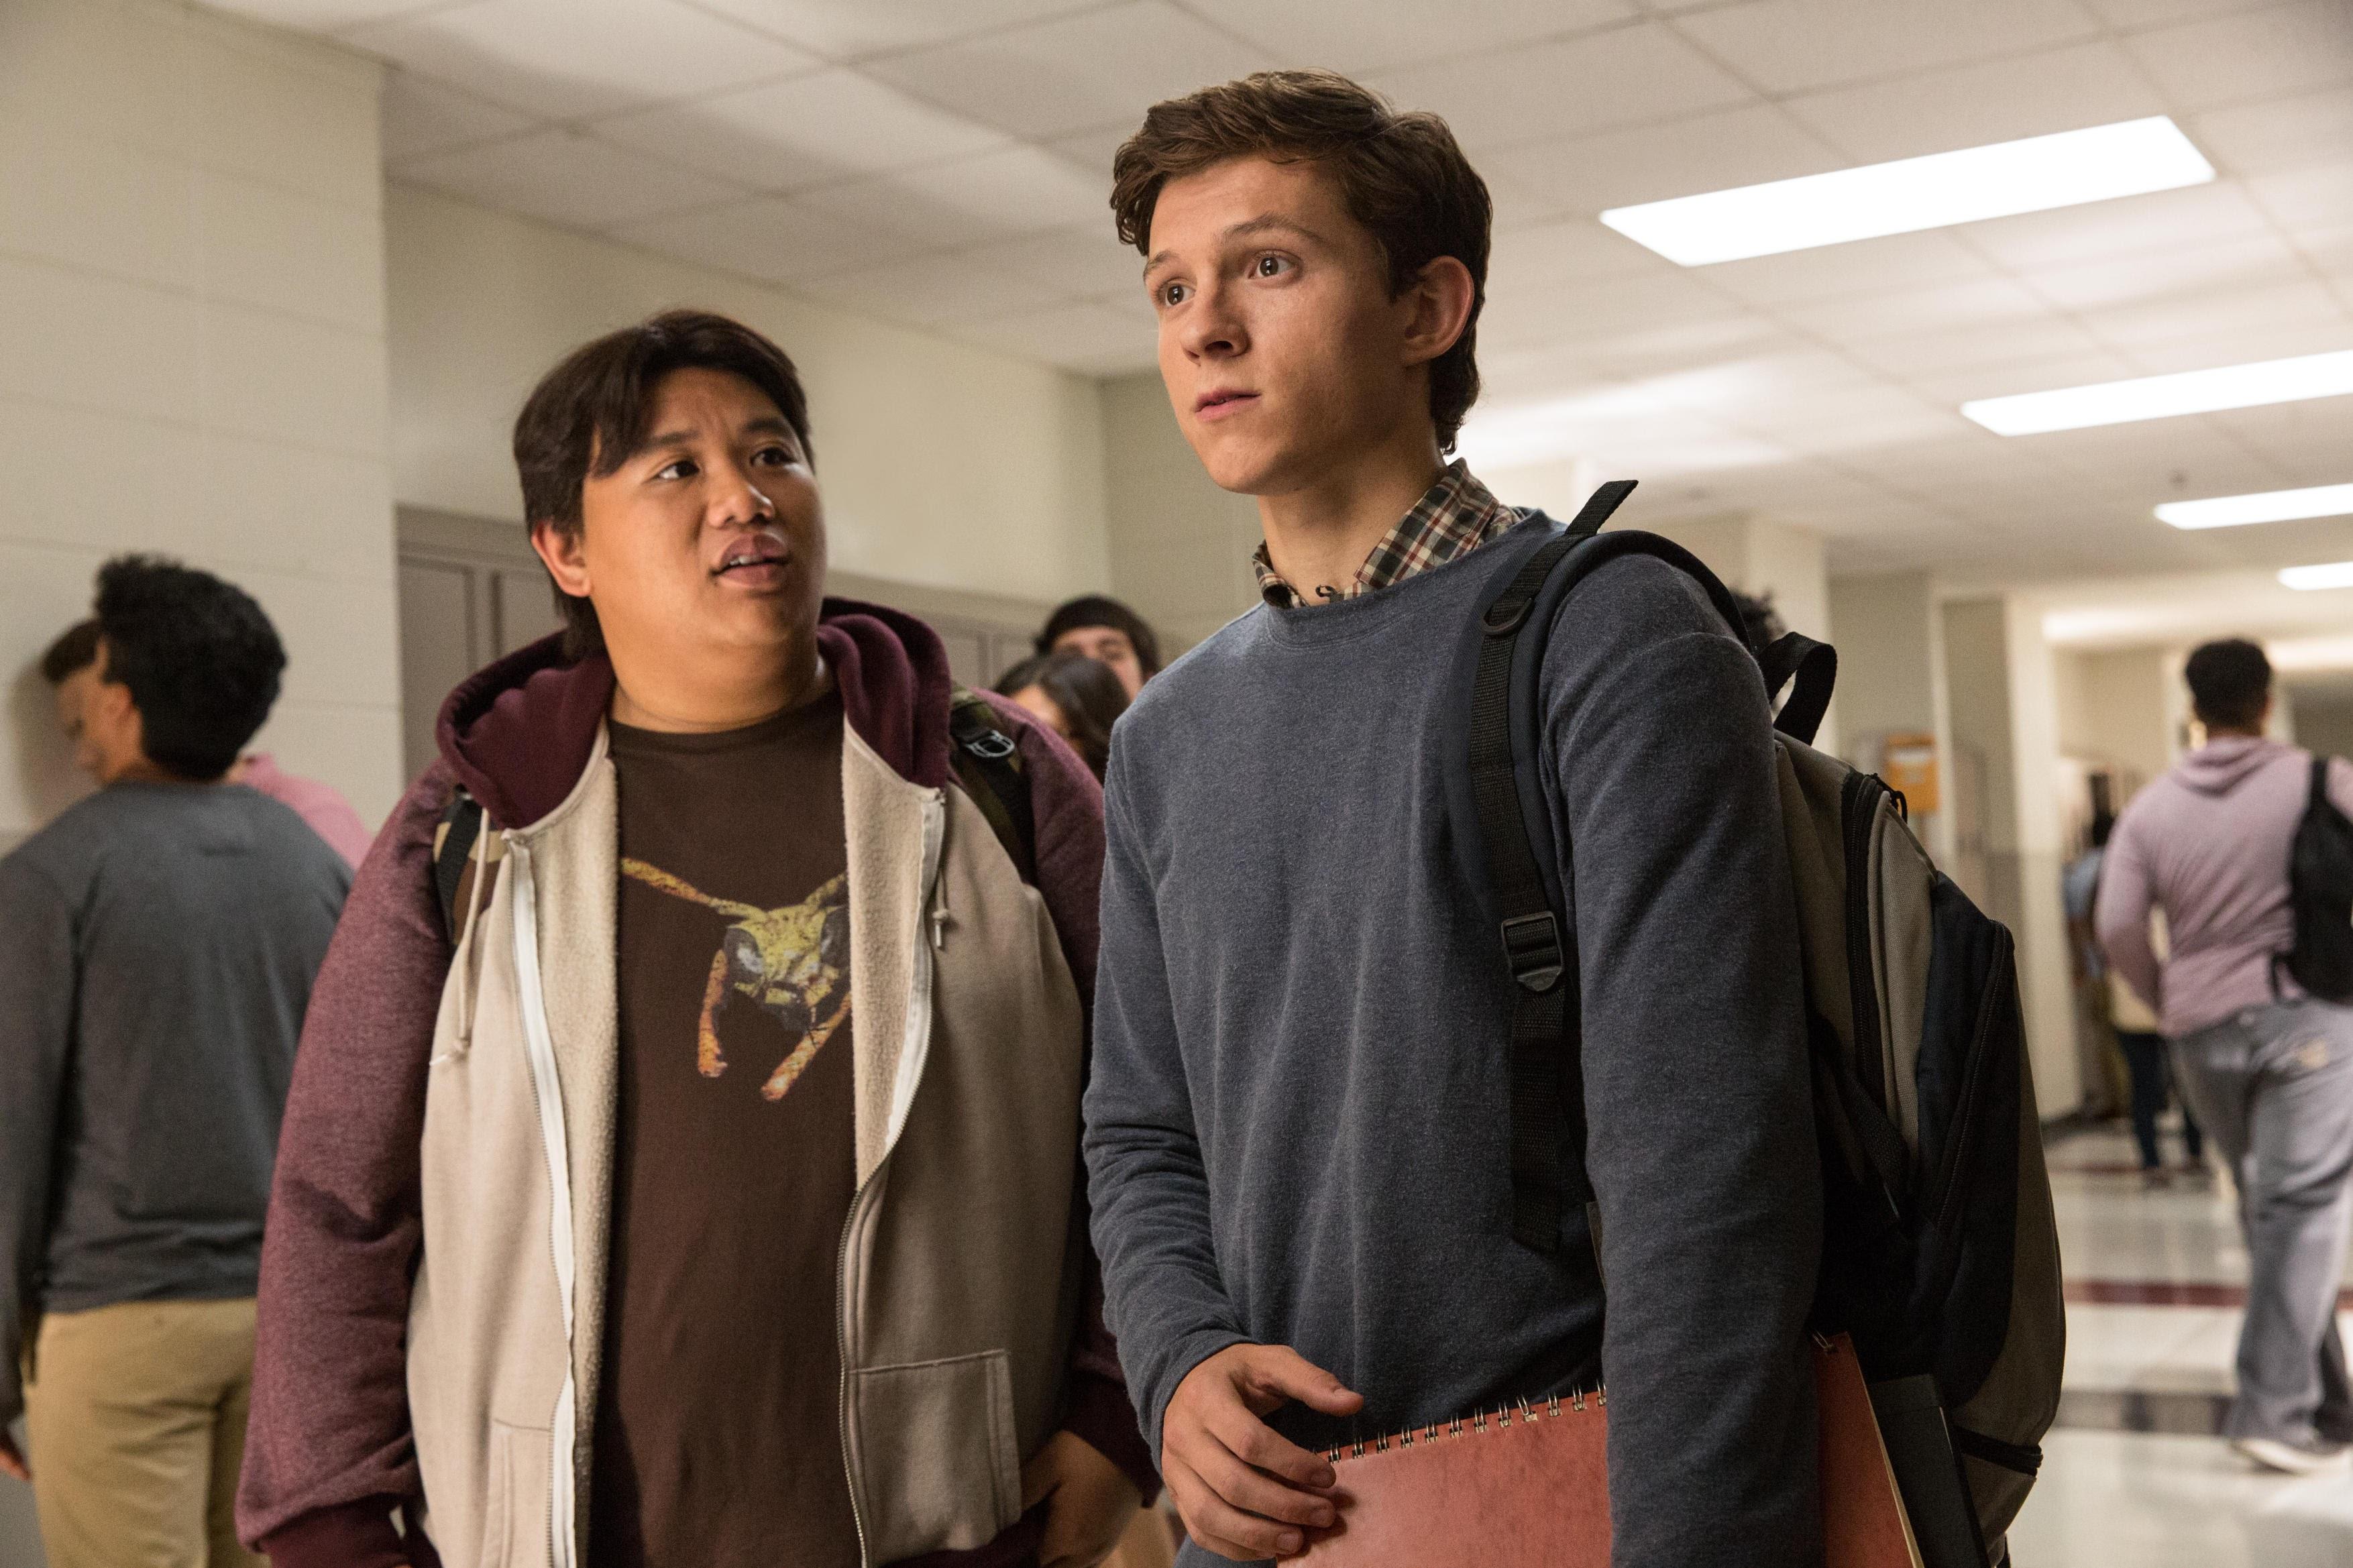 Uncharted : スパイダーマンのトム・ホランドを主演に起用し、ヤング・ネイサン・ドレイクの冒険を描く同名人気ゲームの映画化「アンチャーテッド」の新監督が決定 ! !